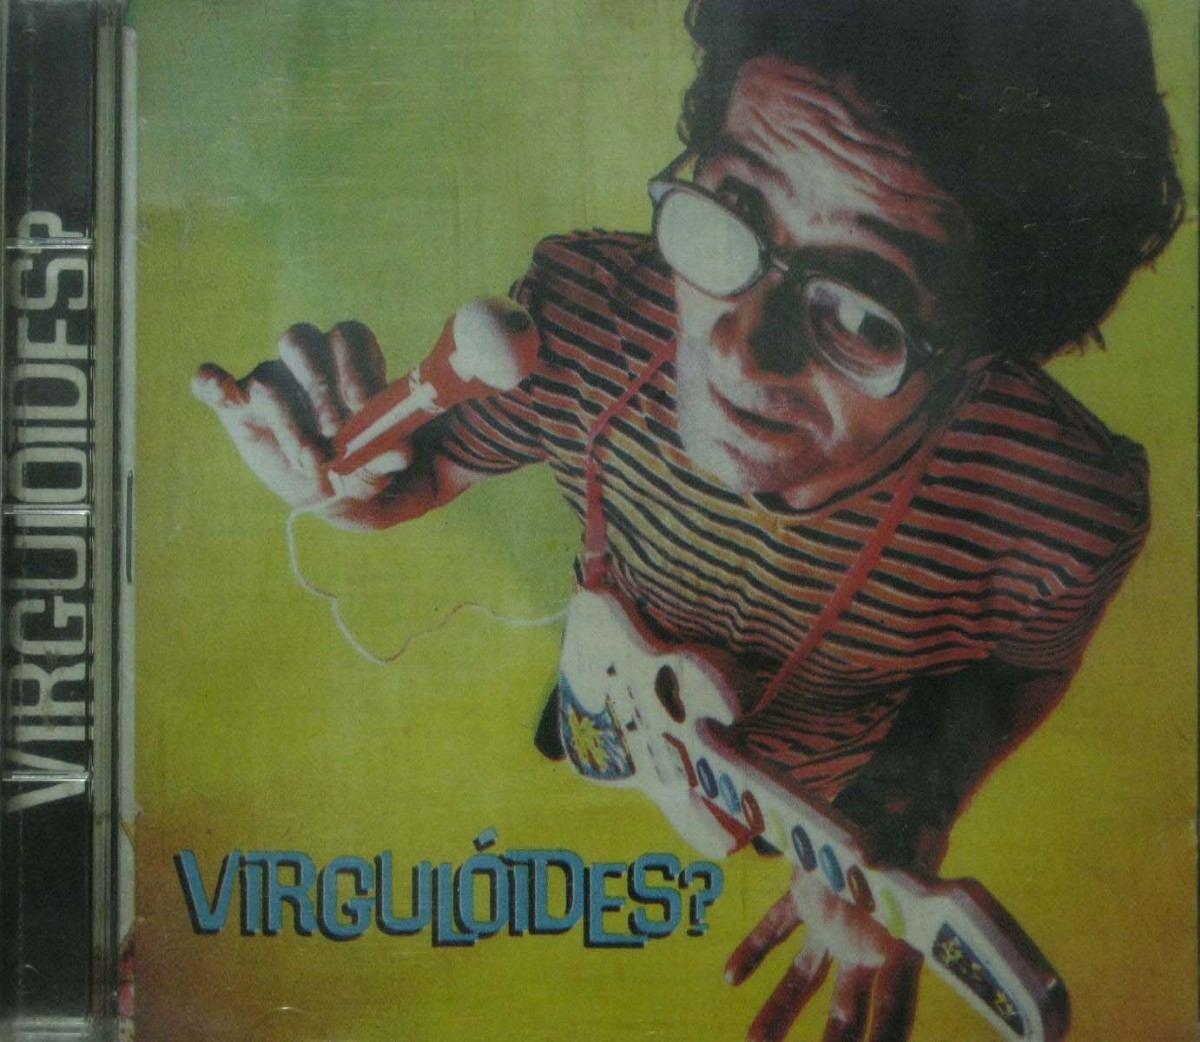 discografia os virguloides